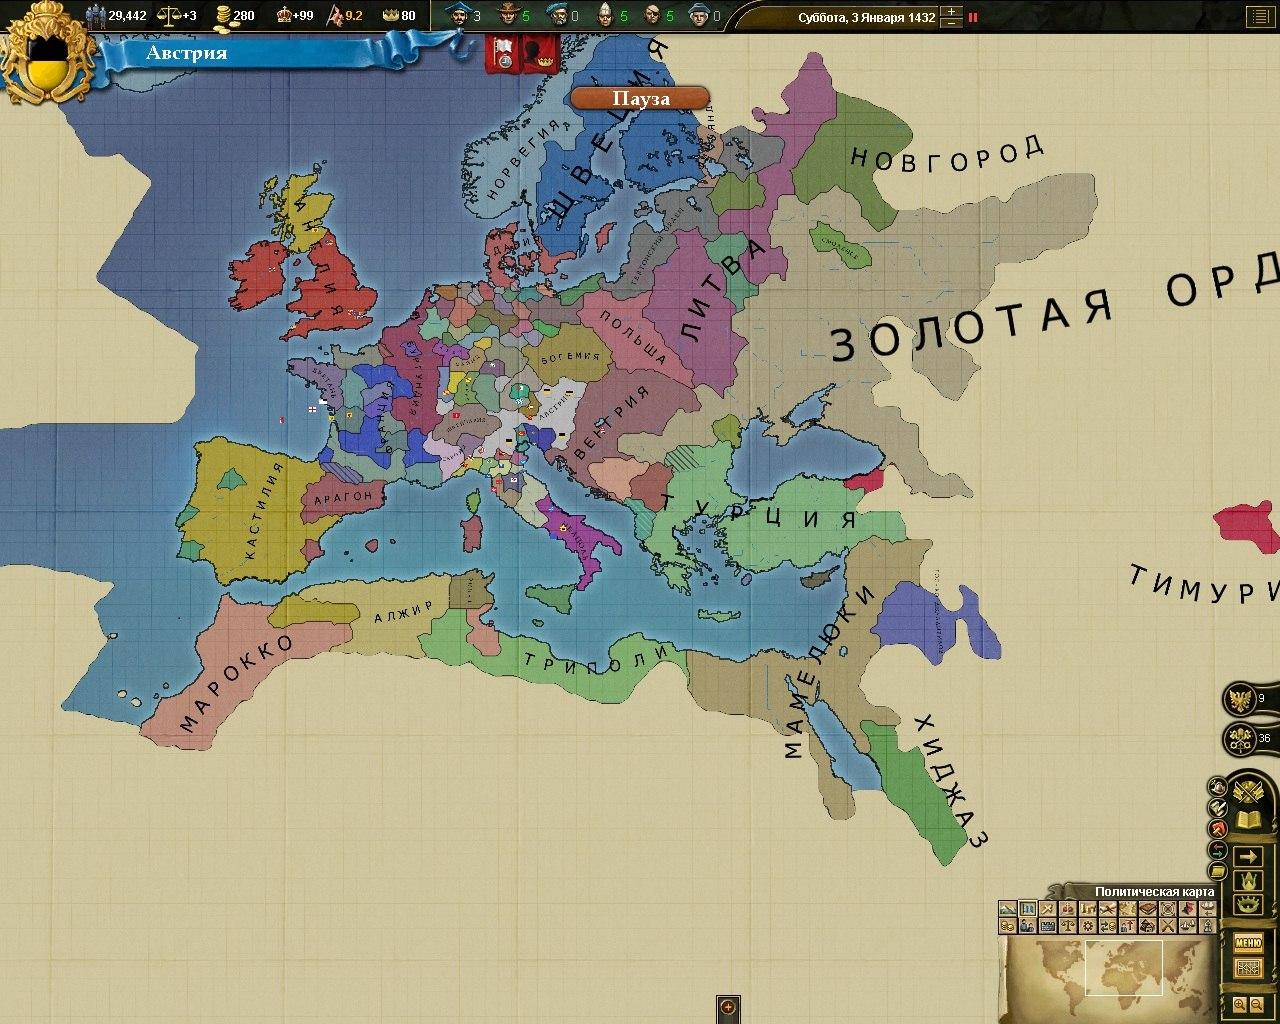 """Отчёты по игре: """"Европа III: последний бой."""" SVJ2opO6o8g"""